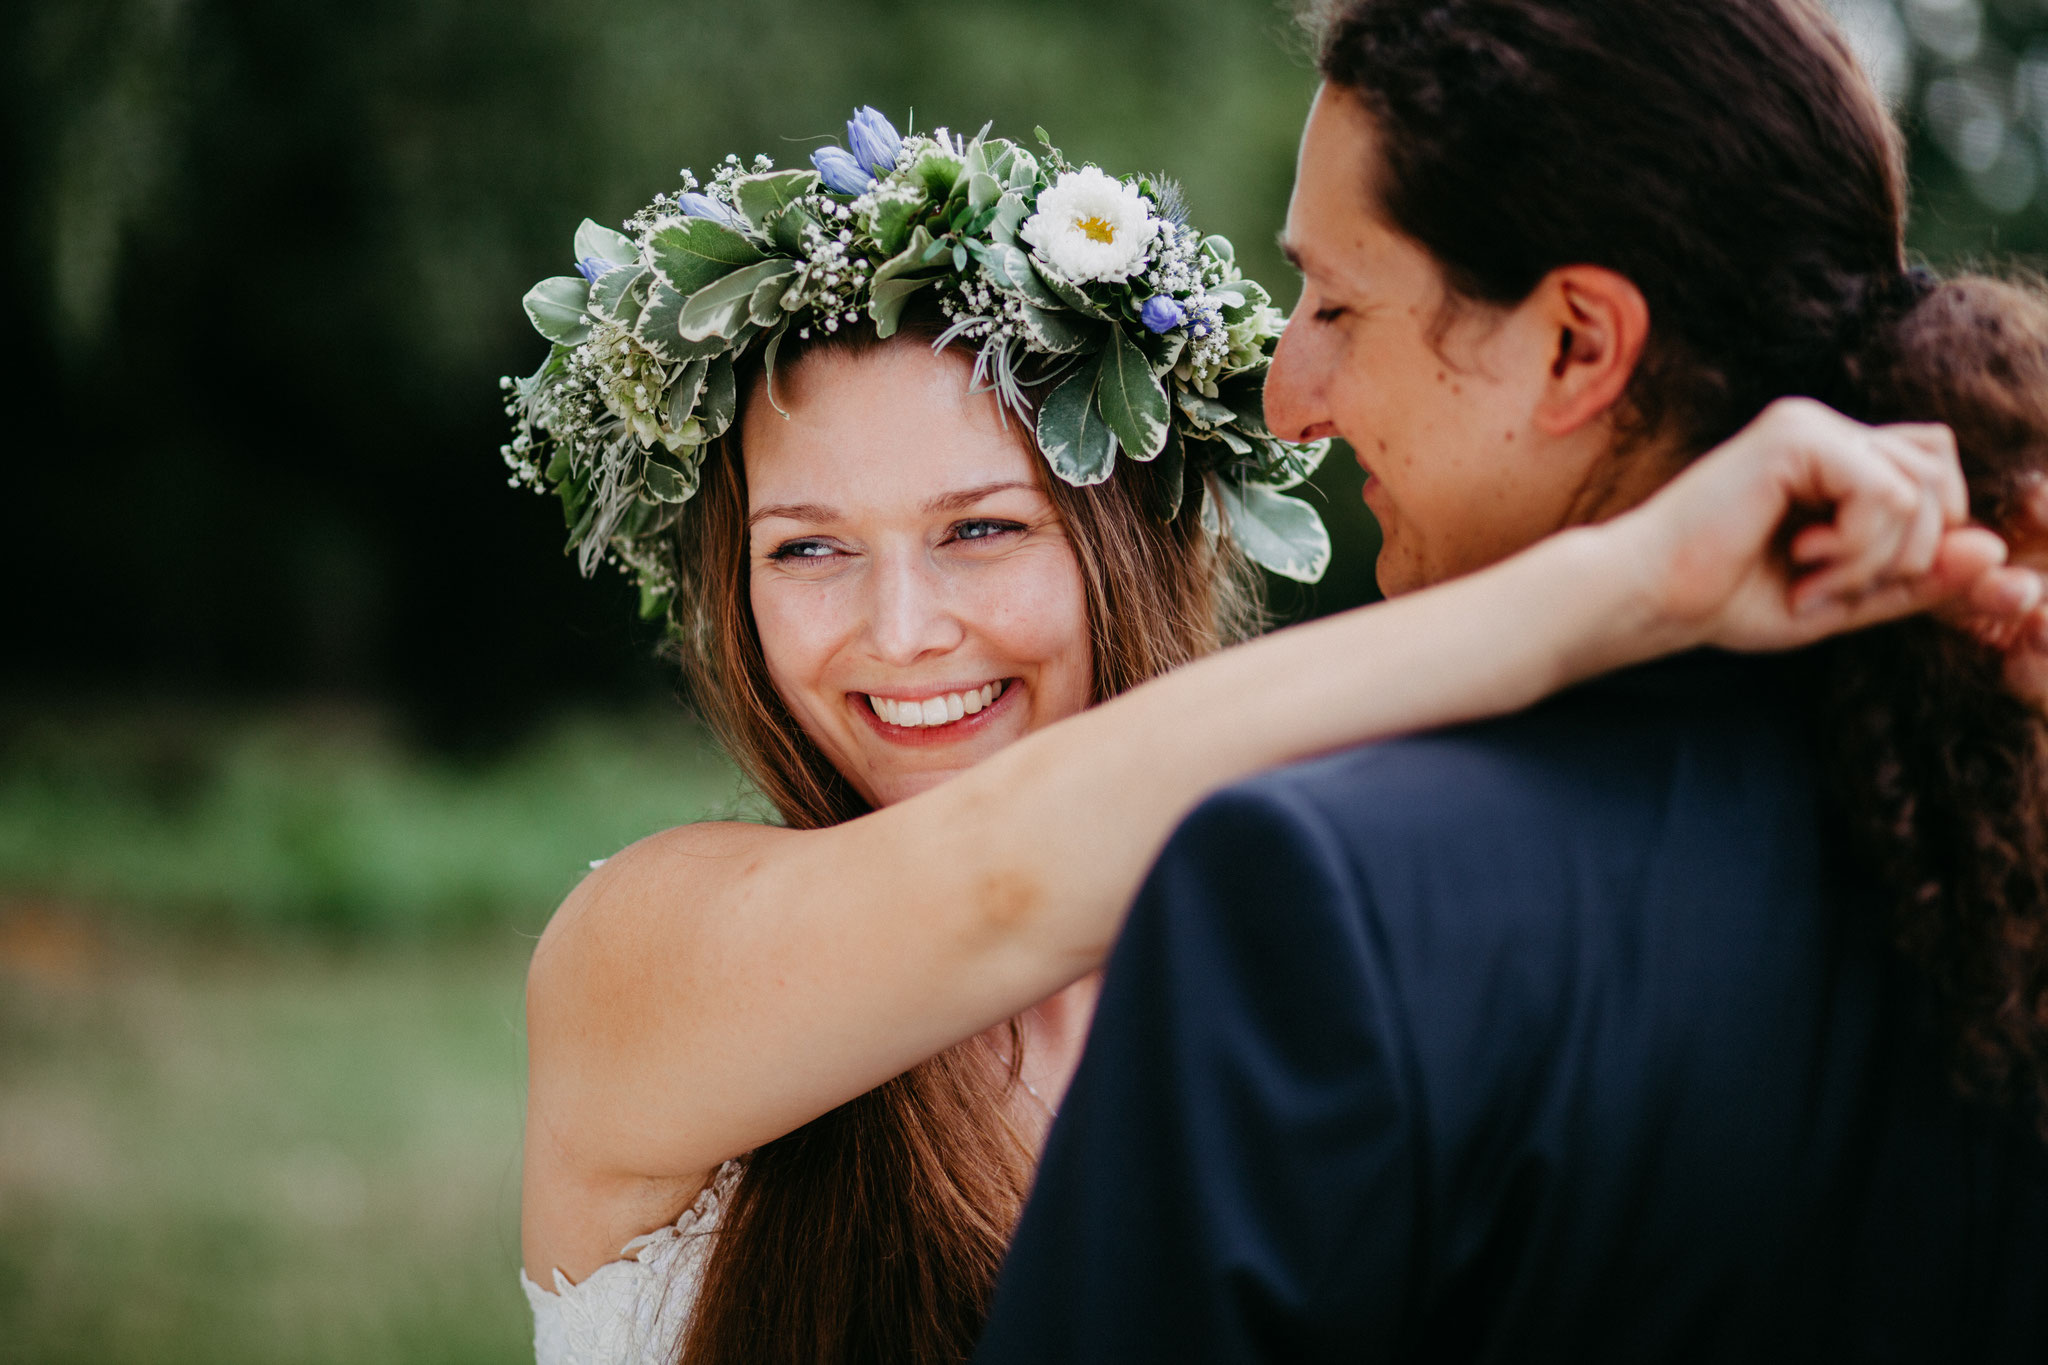 Hochzeitsfotografin Rebecca Adloff Ruhrgebiet, Essen, Düsseldorf, NRW, Oberhausen |Hochzeitsreportage |Hochzeitsfotos | Paarshooting |Blumenkranz | Mittelalterhochzeit